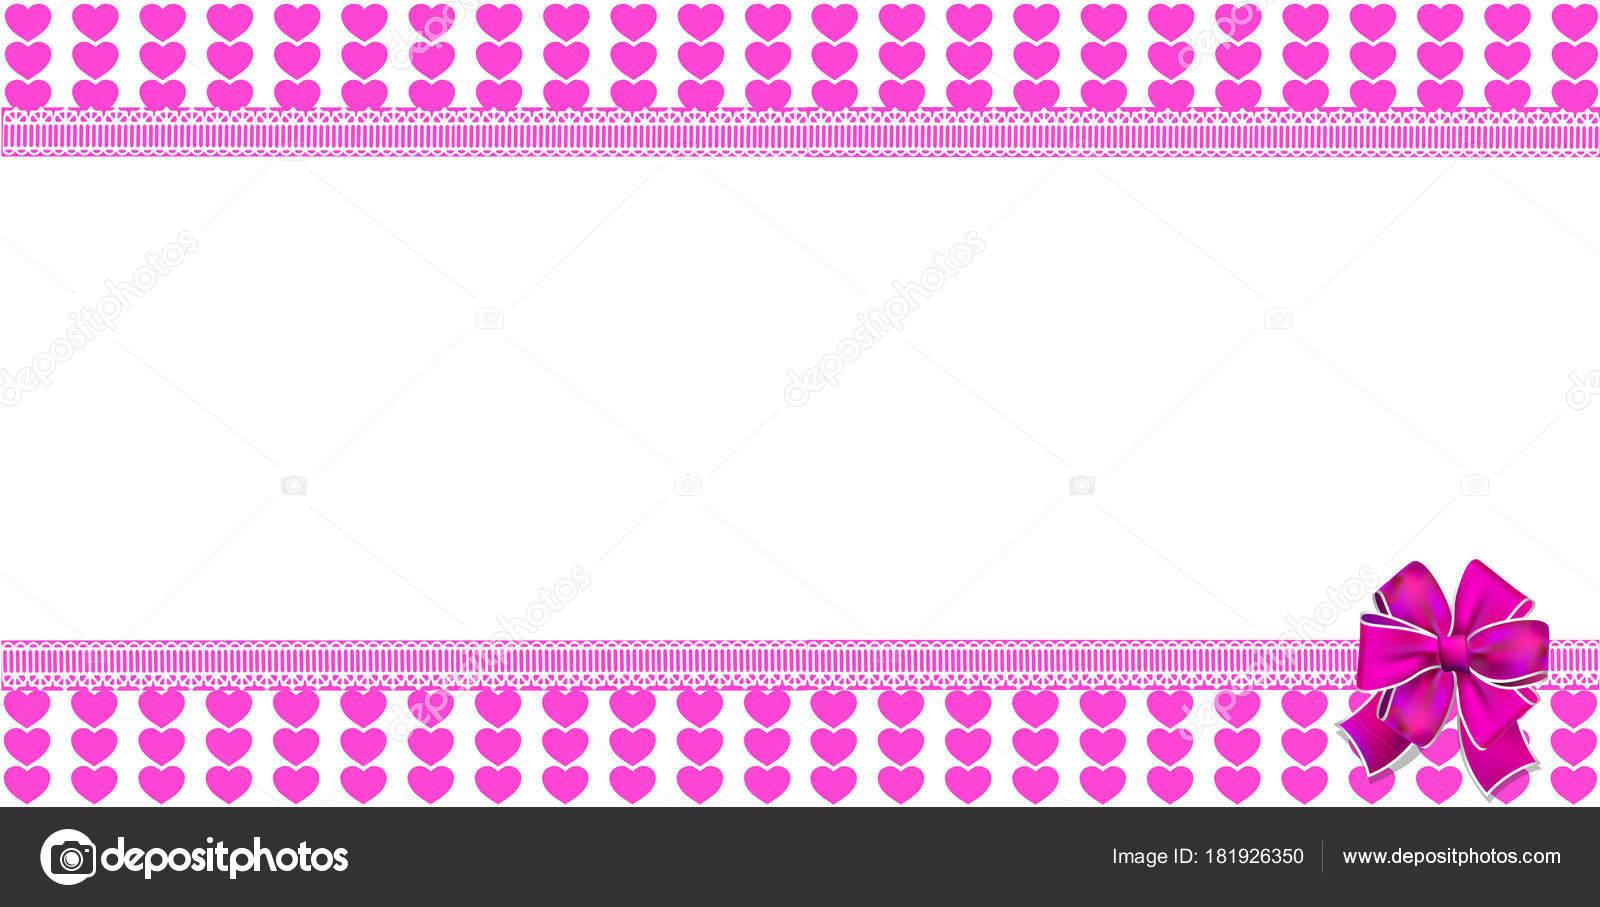 Mignon Modèle Horizontal Avec Un Cœur Rose Rayé Enveloppé